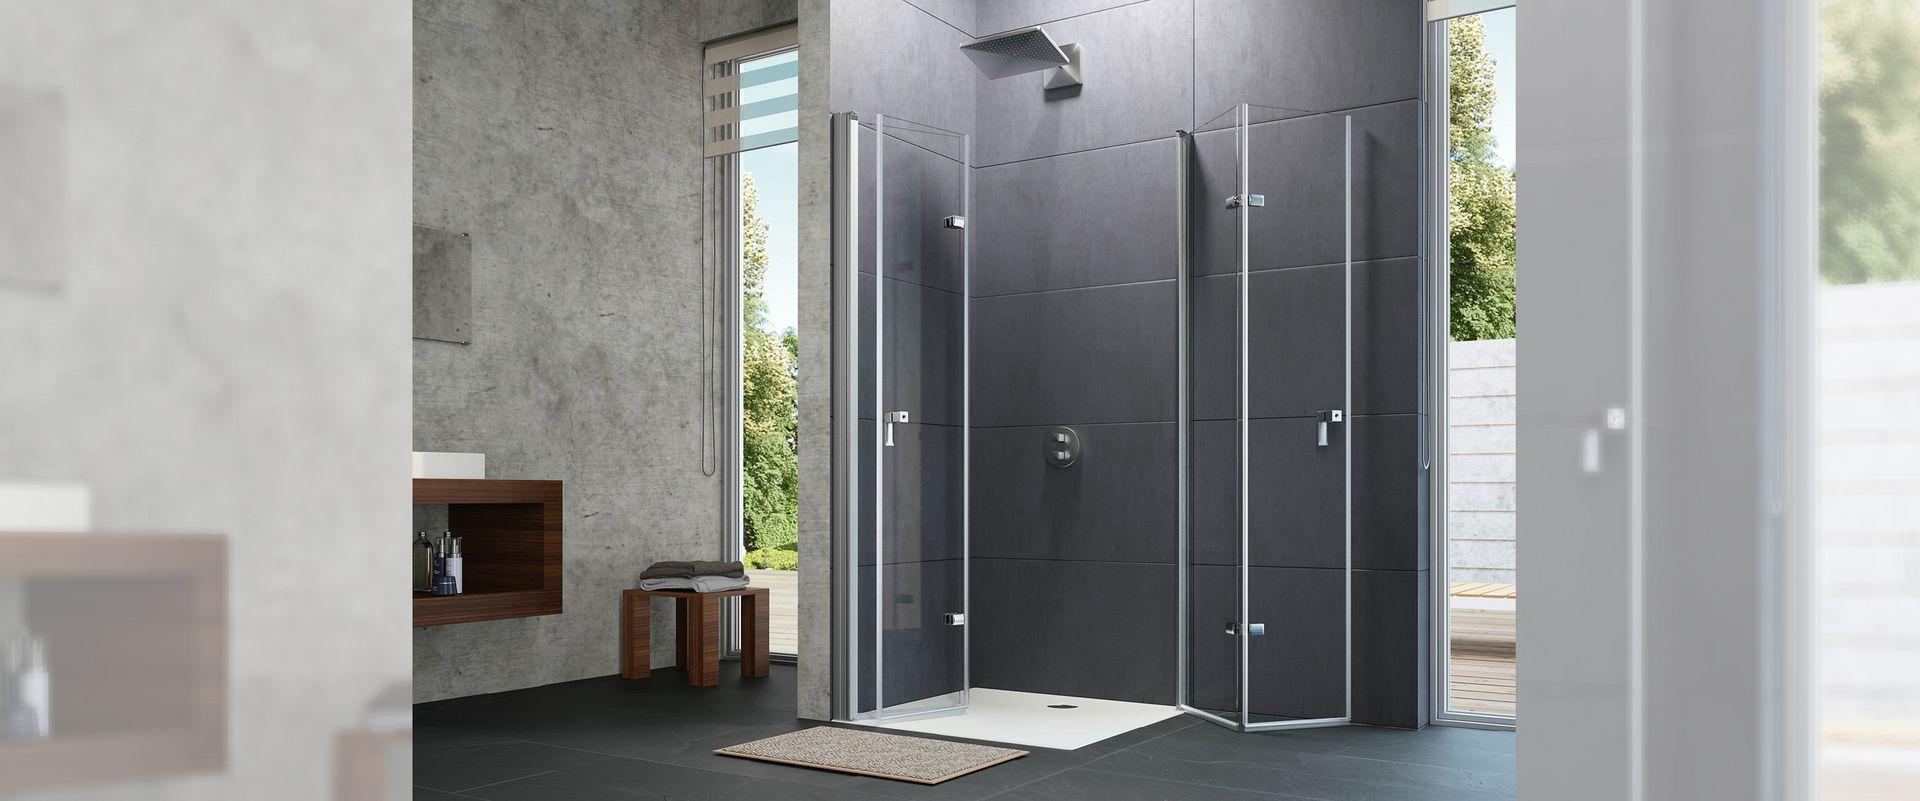 Full Size of Hüppe Duschen Dusche Kaufen Schulte Werksverkauf Hsk Begehbare Sprinz Bodengleiche Moderne Breuer Dusche Hüppe Duschen